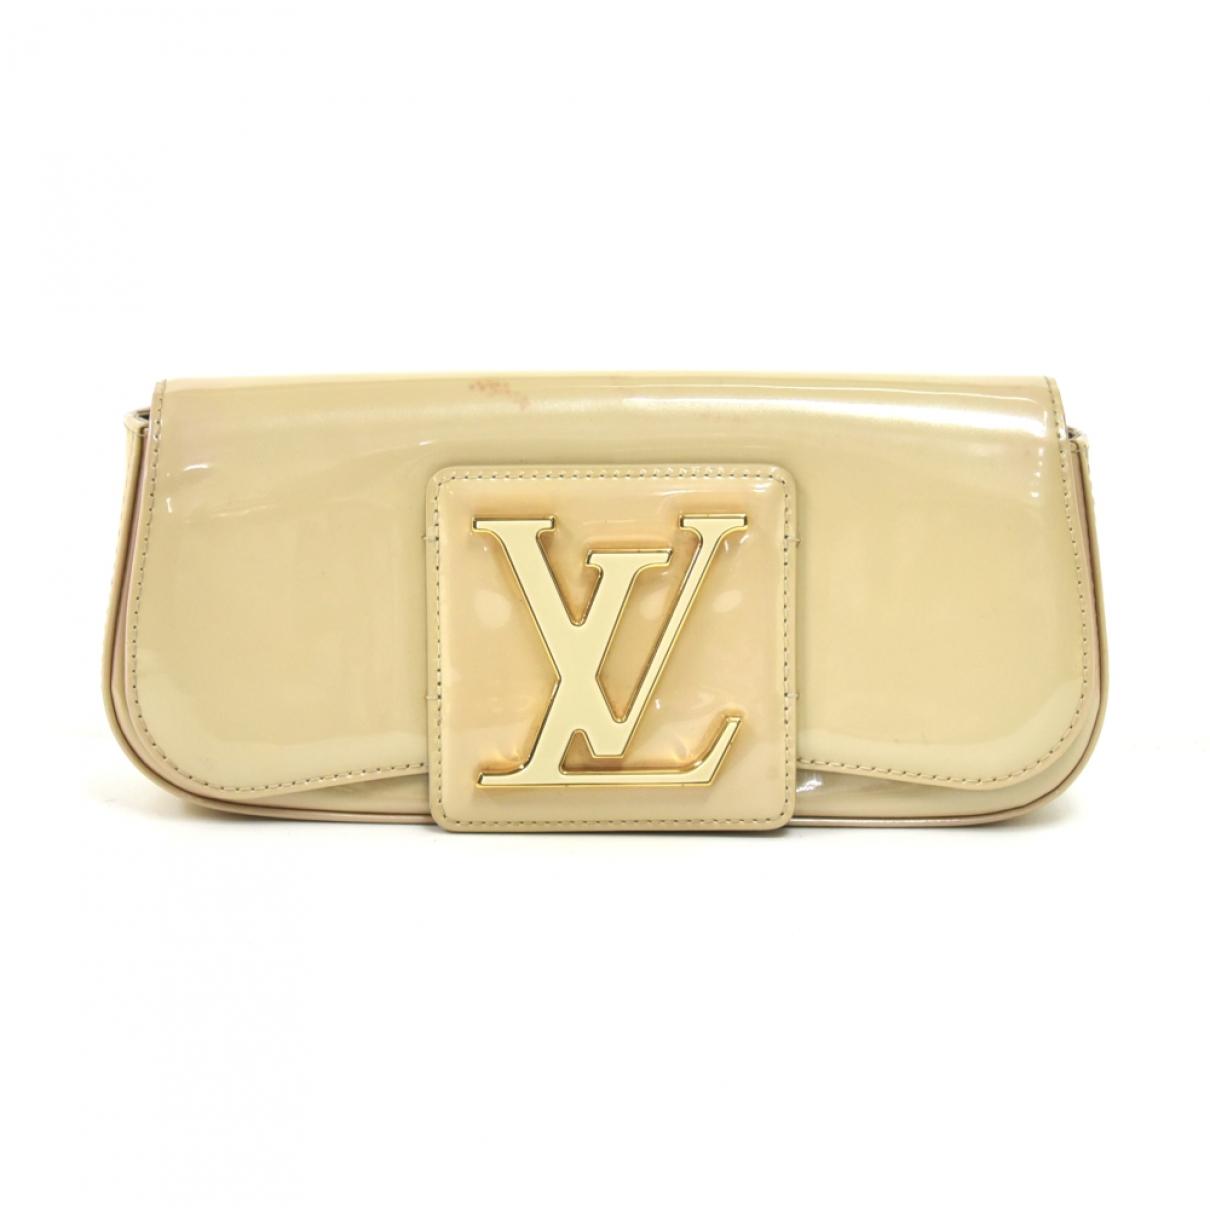 Louis Vuitton - Pochette Sobe pour femme en cuir verni - beige